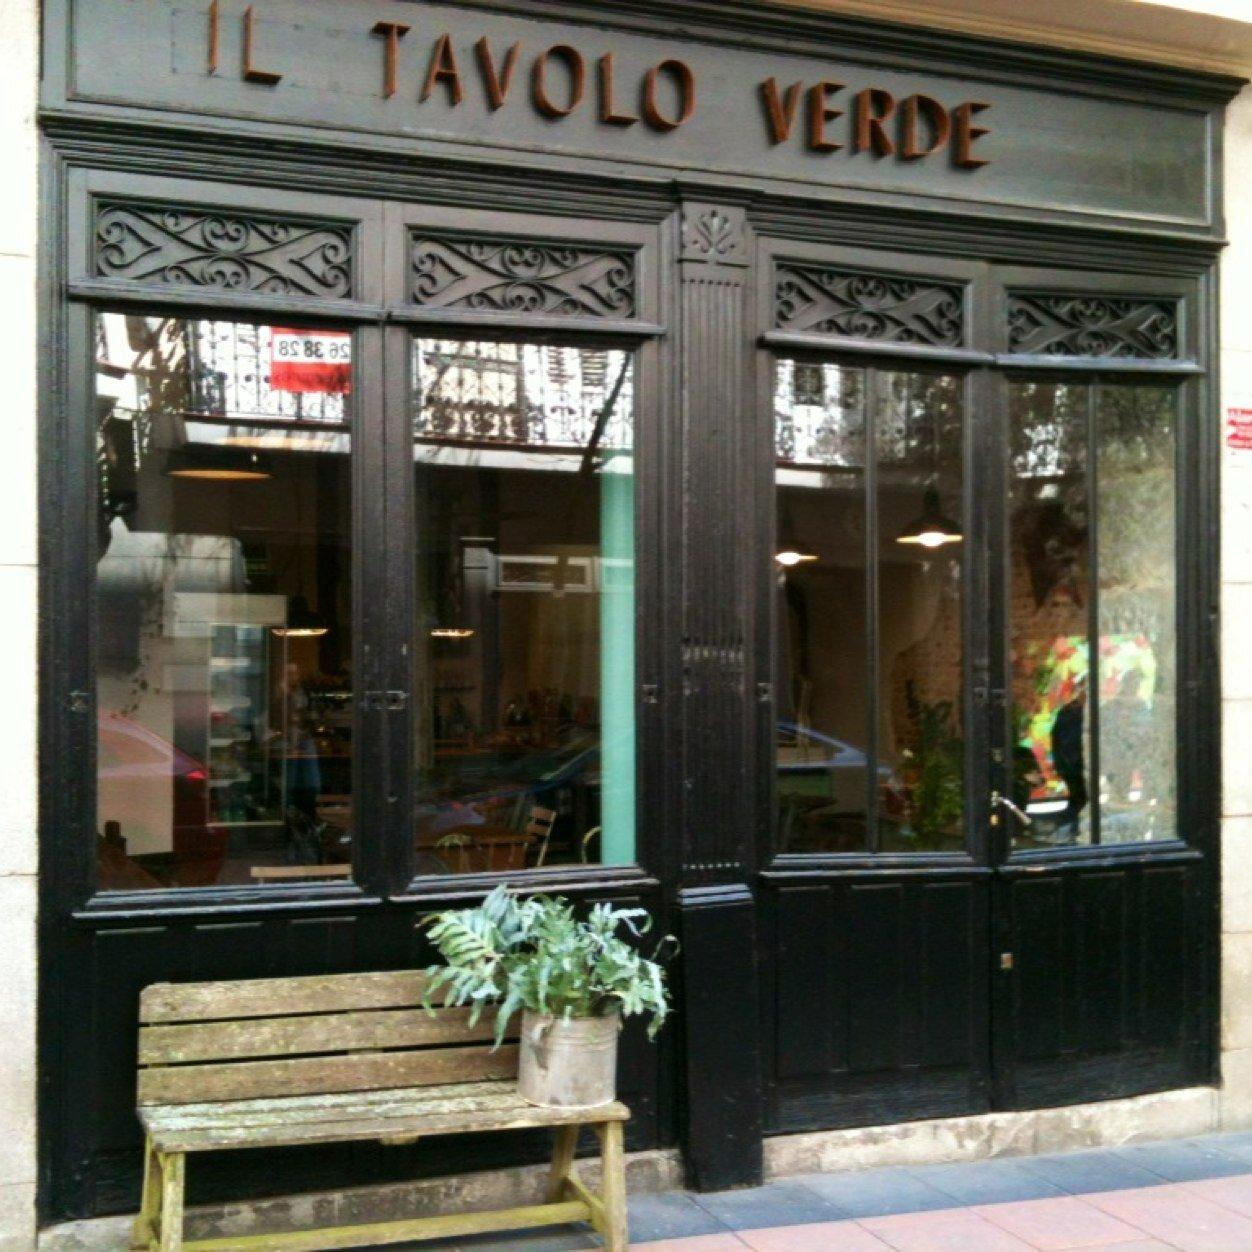 Il Tavolo Verde (@iltavoloverde) | Twitter